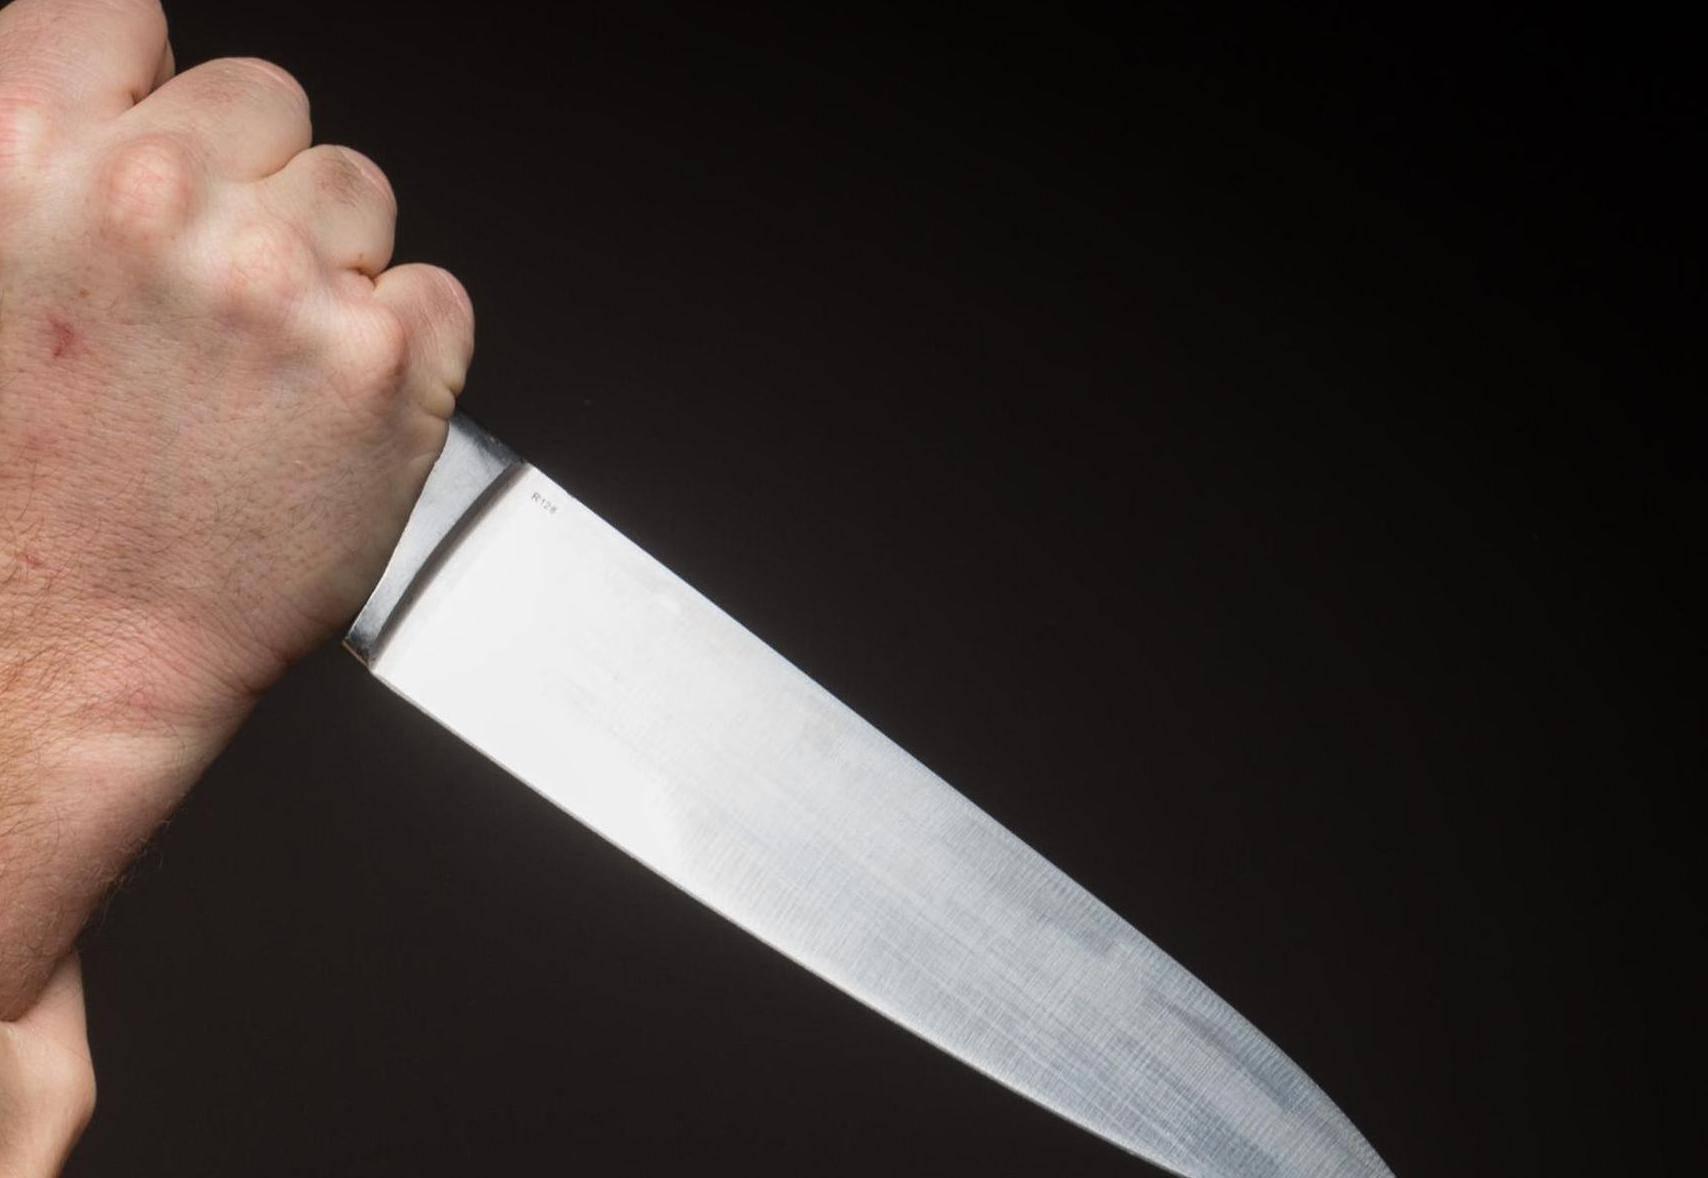 Sukob na Viru: Mladić (27) iz Turske ga nožem ubo u leđa